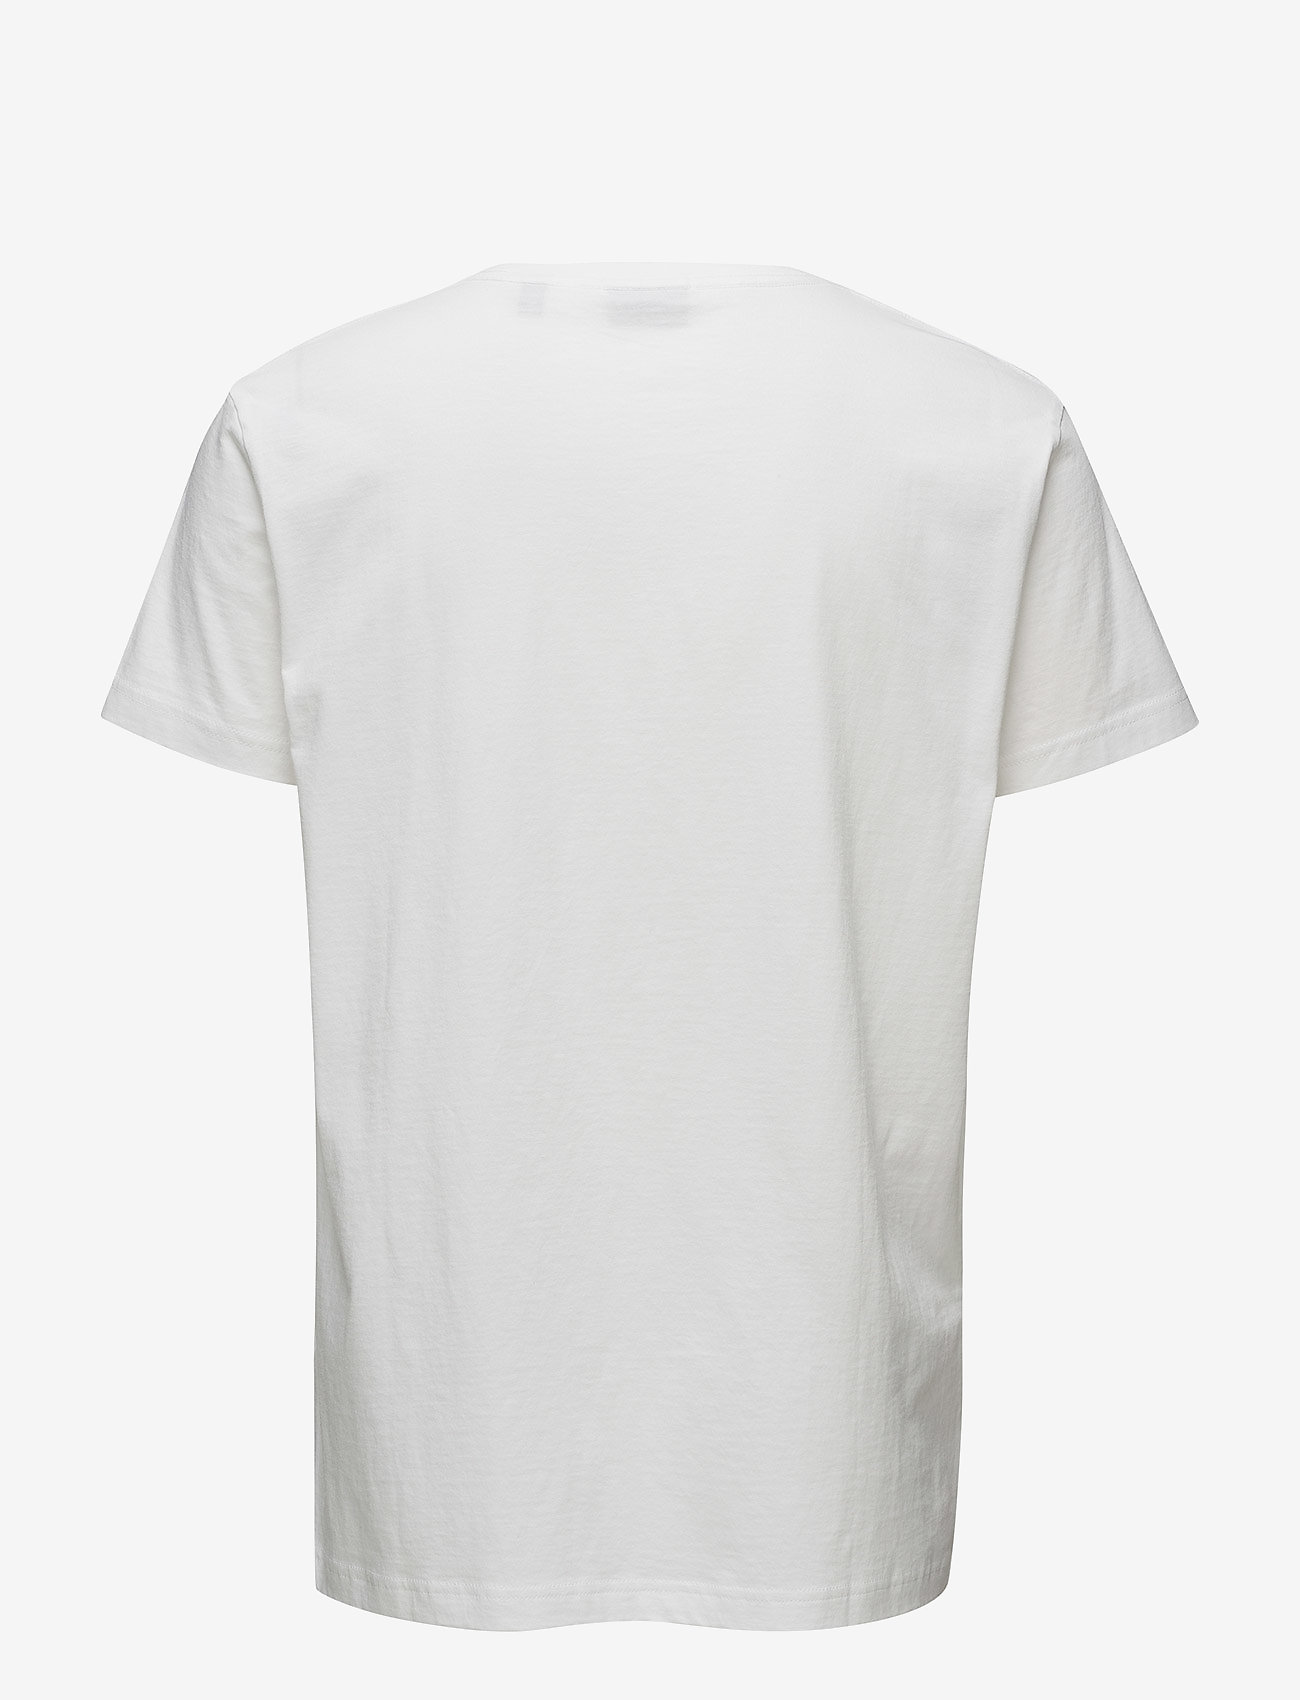 Gant - ORIGINAL SS T-SHIRT - kortermede t-skjorter - white - 1